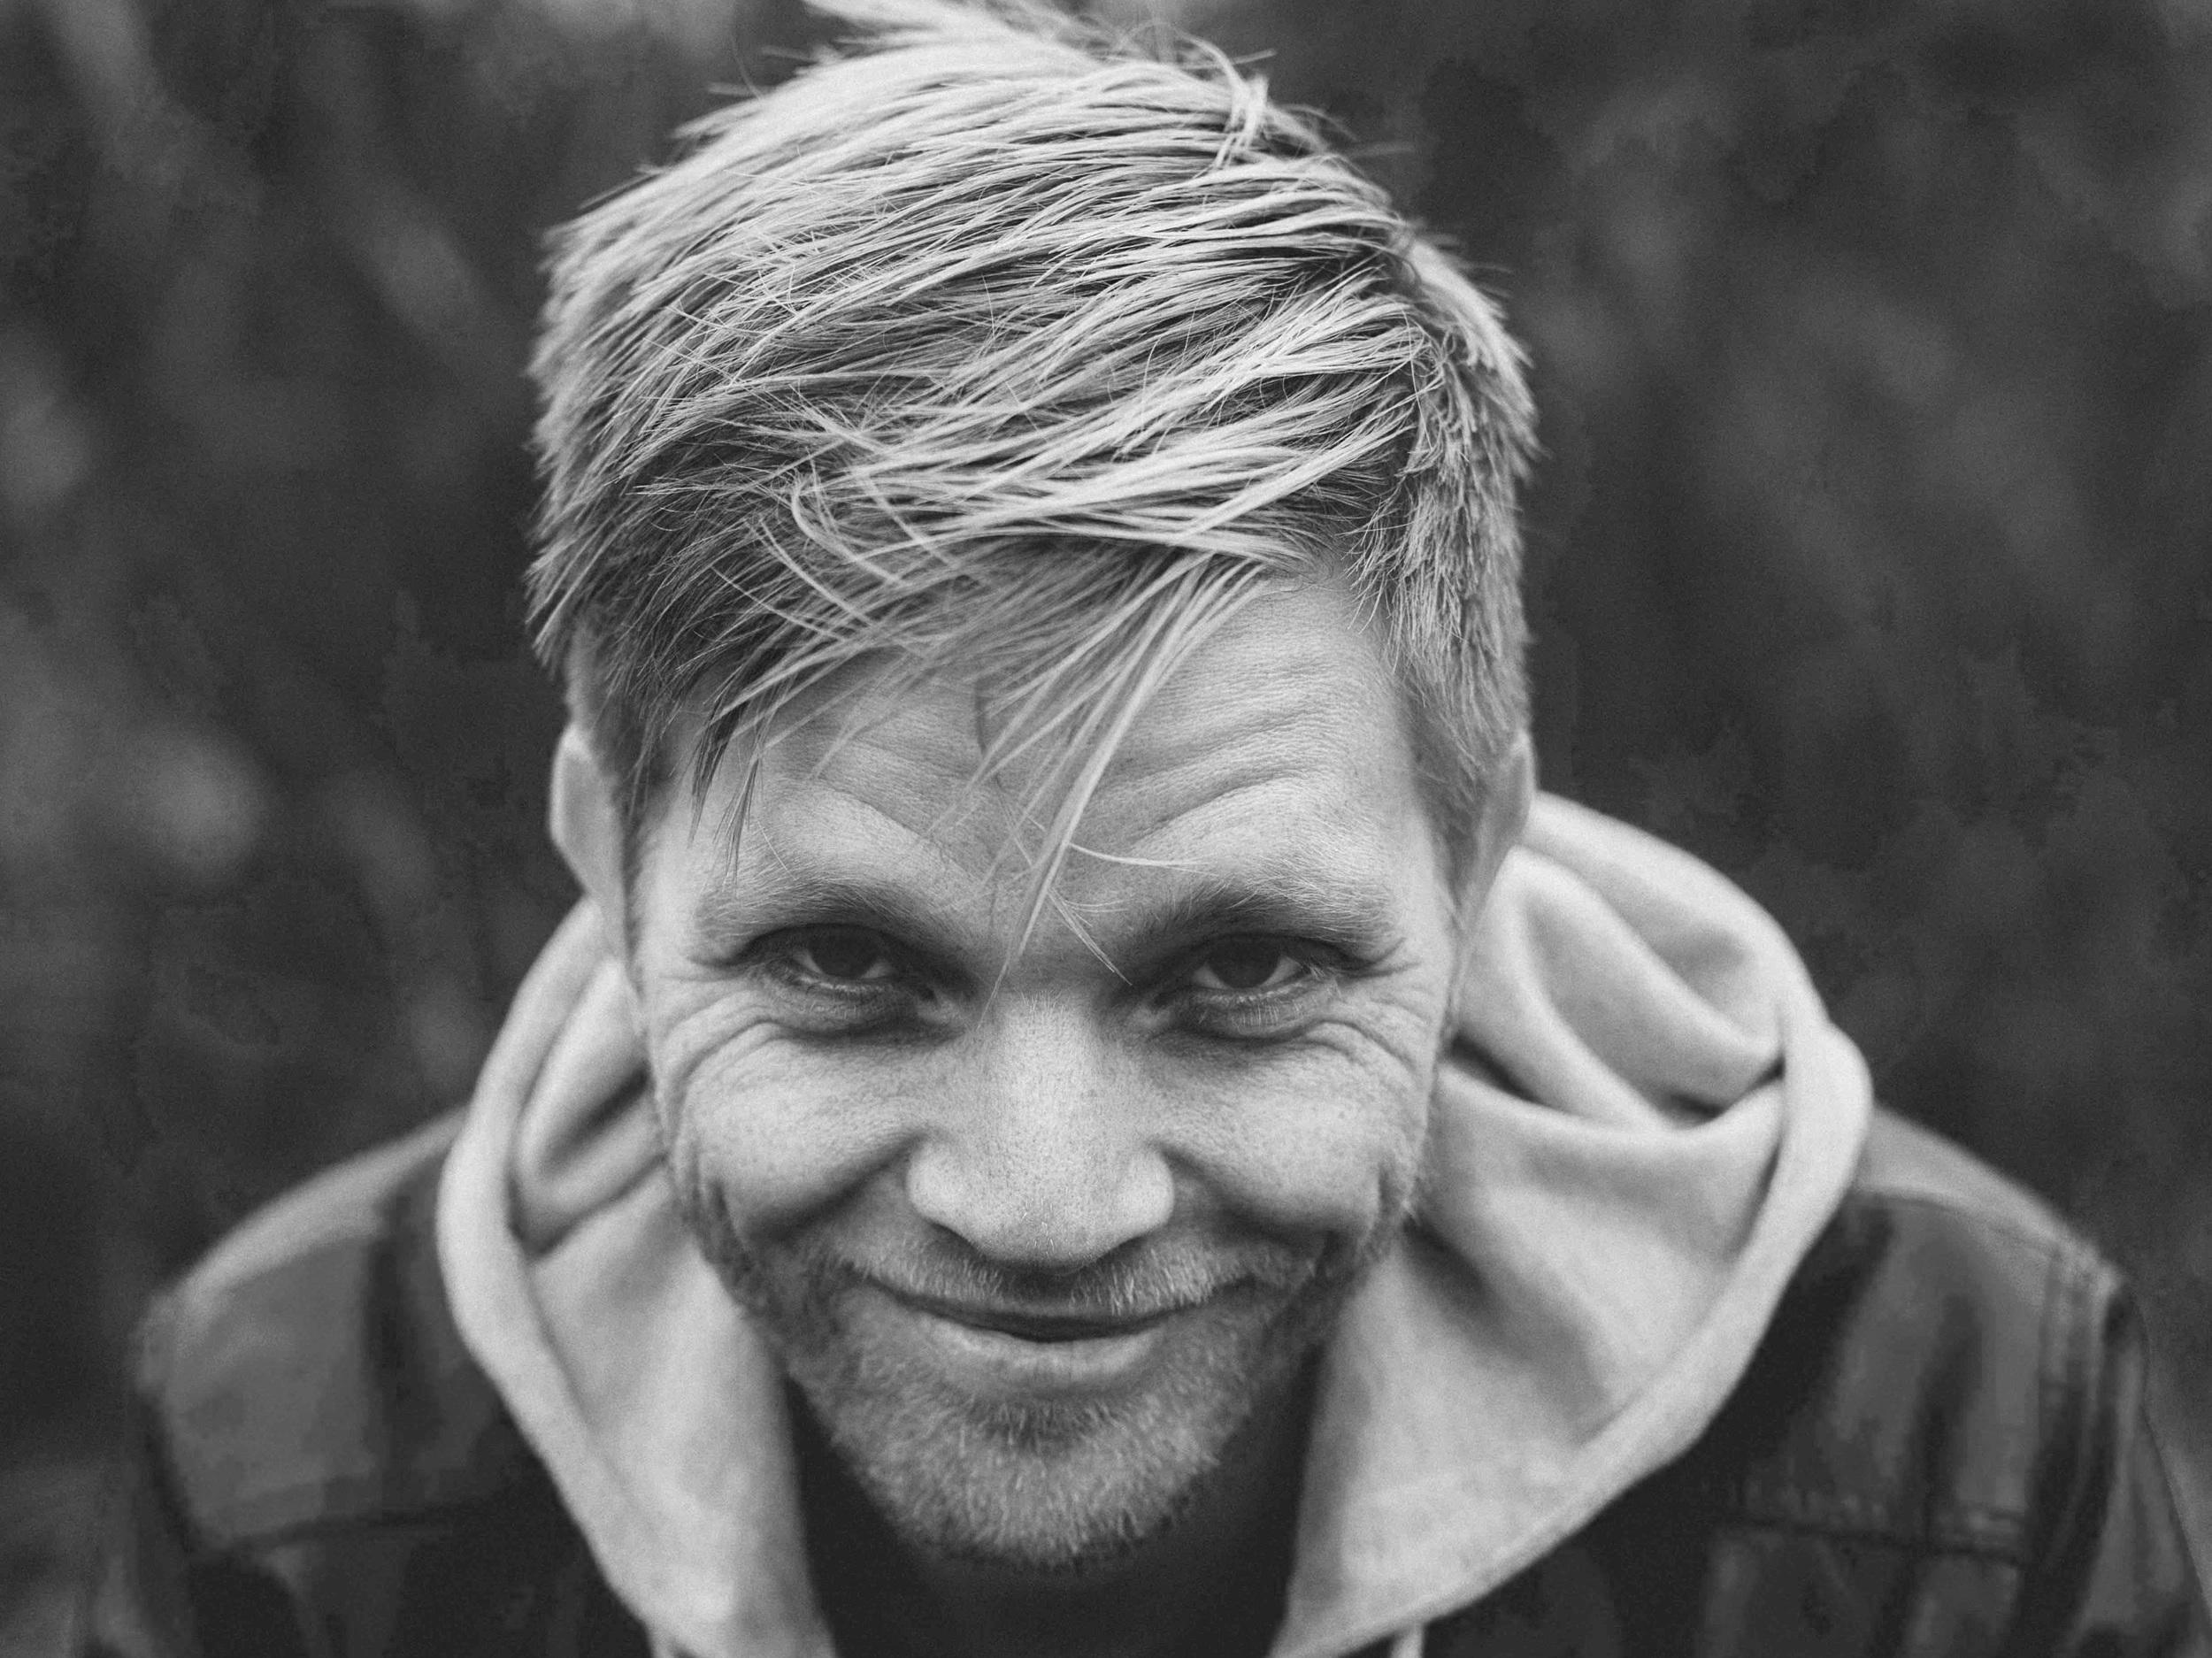 """Jostein Hasselgård - fullførte sitt studie ved jazzlinja på NMH i 2006. Samme år gav han ut soloalbumet «A few words». Han synger i vokalgruppa PUST, som med sine 5 kritikerroste album og turneer i inn- og utland er en av de ledende i sitt slag i Norge. Jostein har vært med på større TV-produksjoner som Julemorgen, Beat for Beat og Eurovision, har deltatt på flere turneer i """"Den Kulturelle Skolesekken"""", """"Den Kulturelle Spaserstokken"""" og vært artist på show som """"Jul i Barne-TV"""" med bl.a. KORK, Espen Grjotheim og Benedikte Kruse. Han er en allsidig artist og har og jobber nå som musiker, korleder, seminarholder, sanglærer, pianist, arrangør og komponist ved siden av å være ansatt på OsloMet som musikklærer på barnehageutdanningen."""